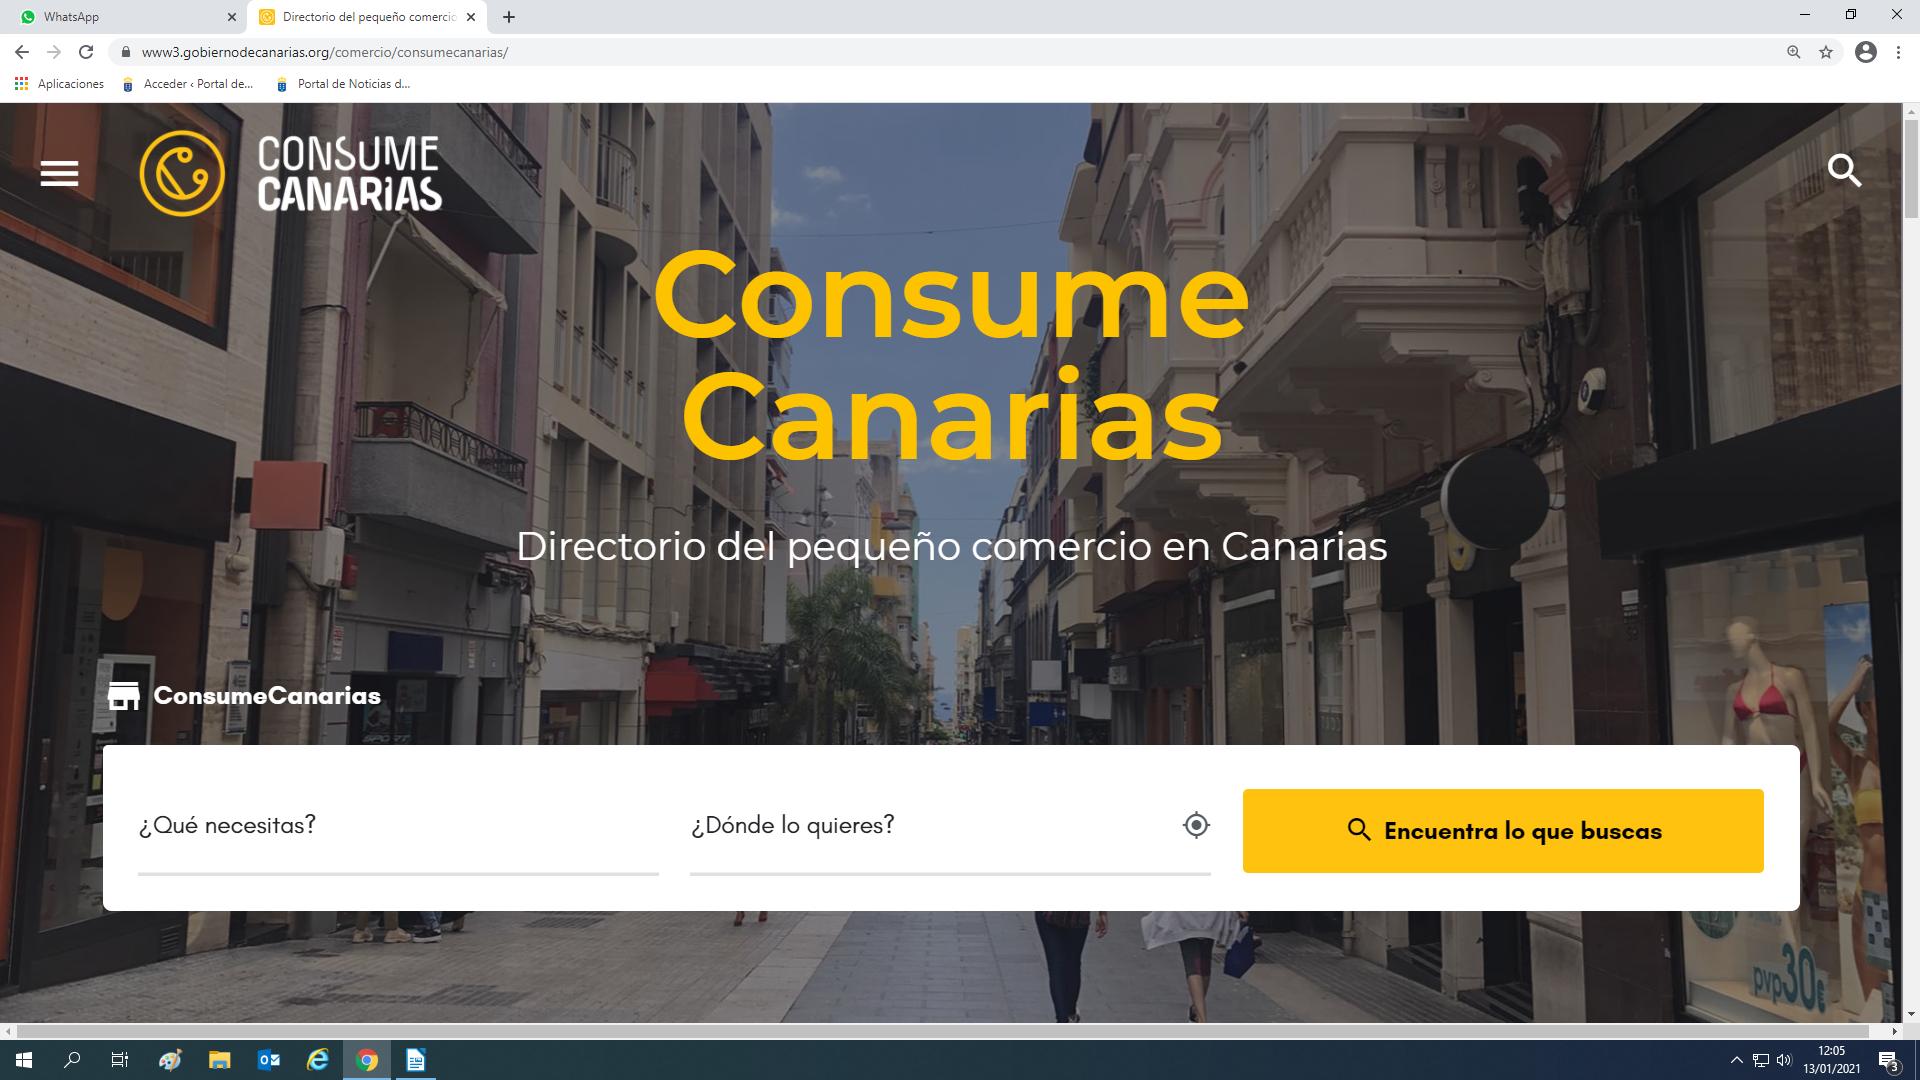 El directorio online Consume Canarias supera ya los 2.000 comercios locales